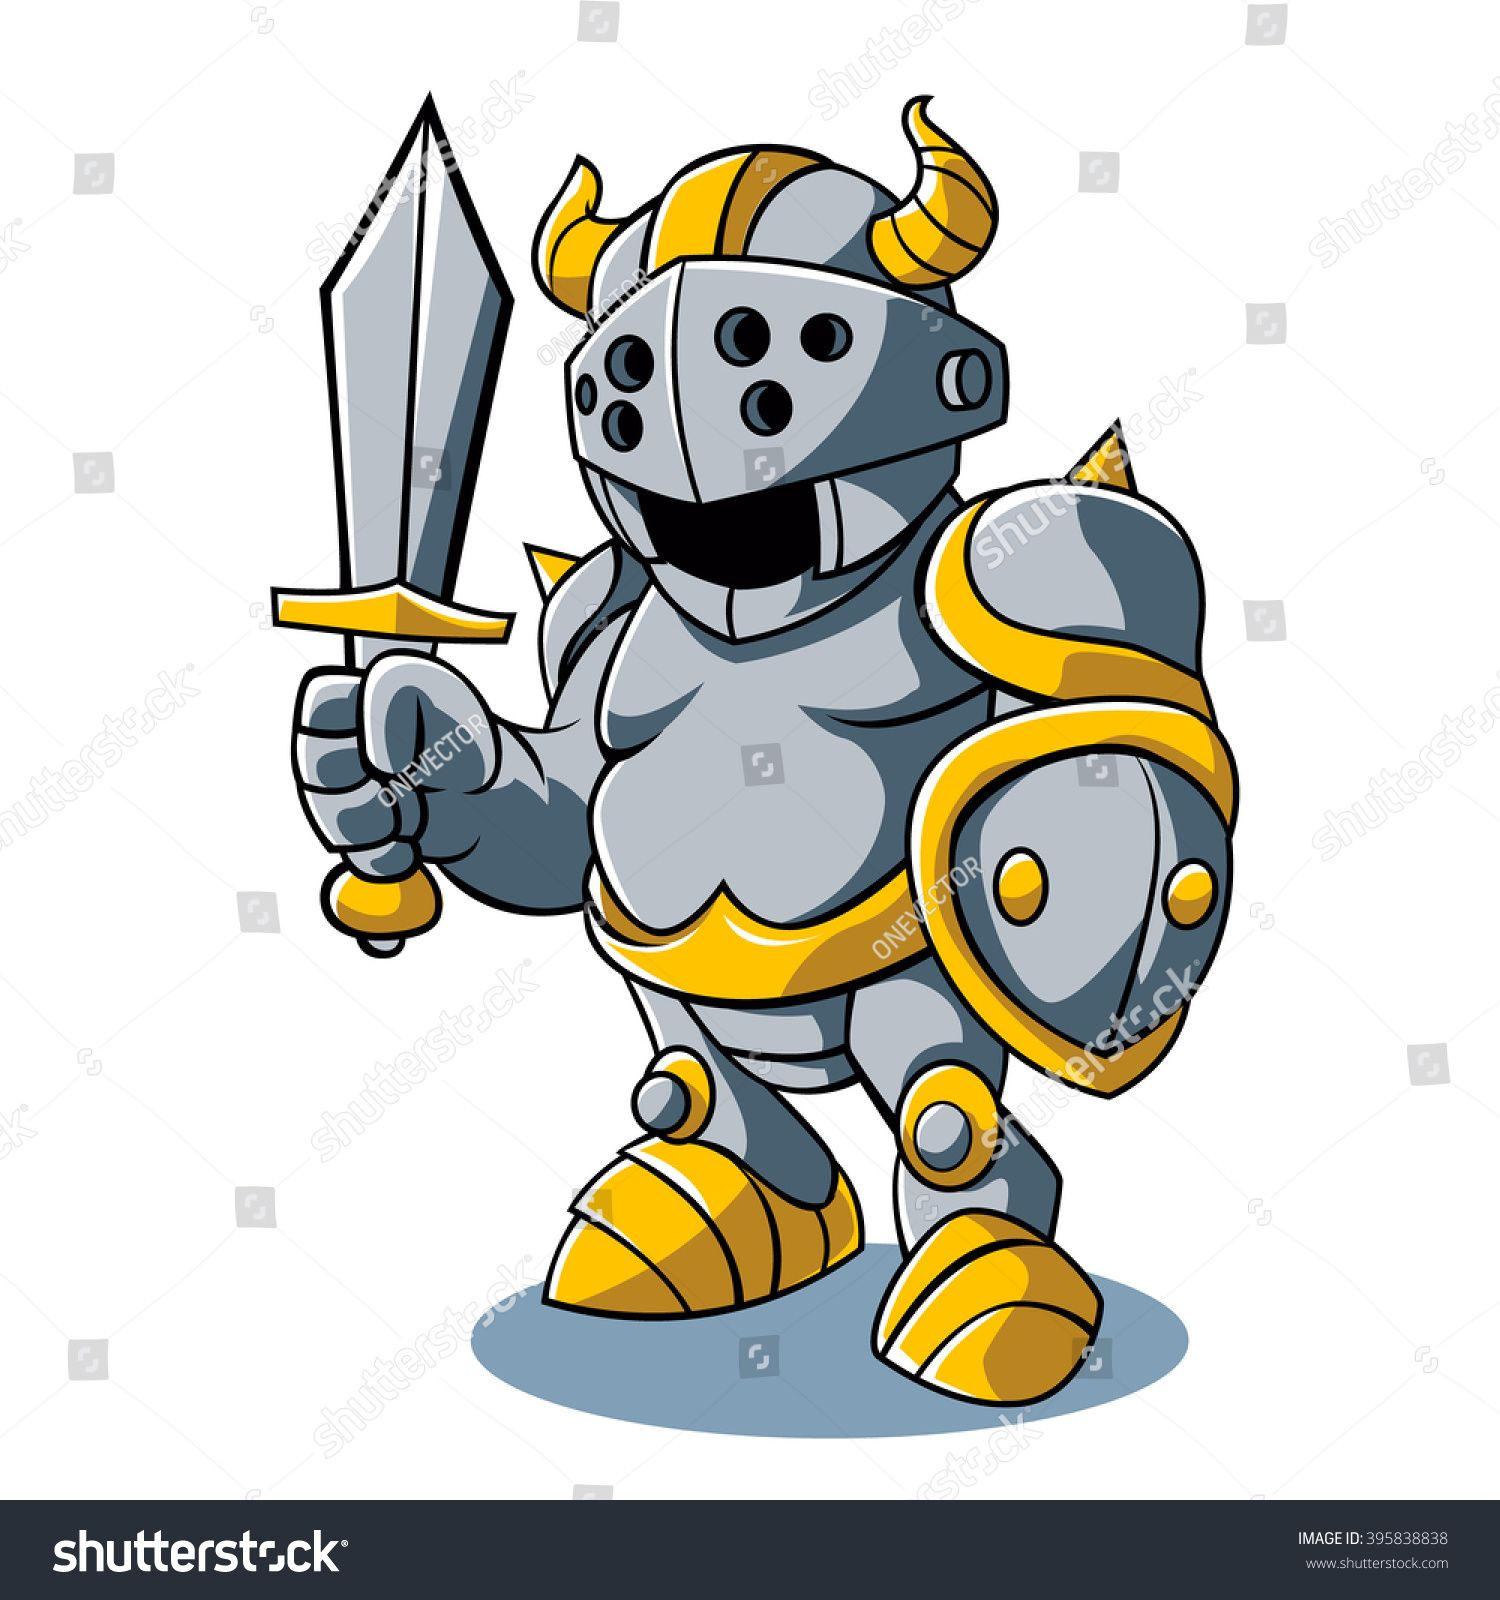 Vector illustration of Cartoon knight Cartoon knight